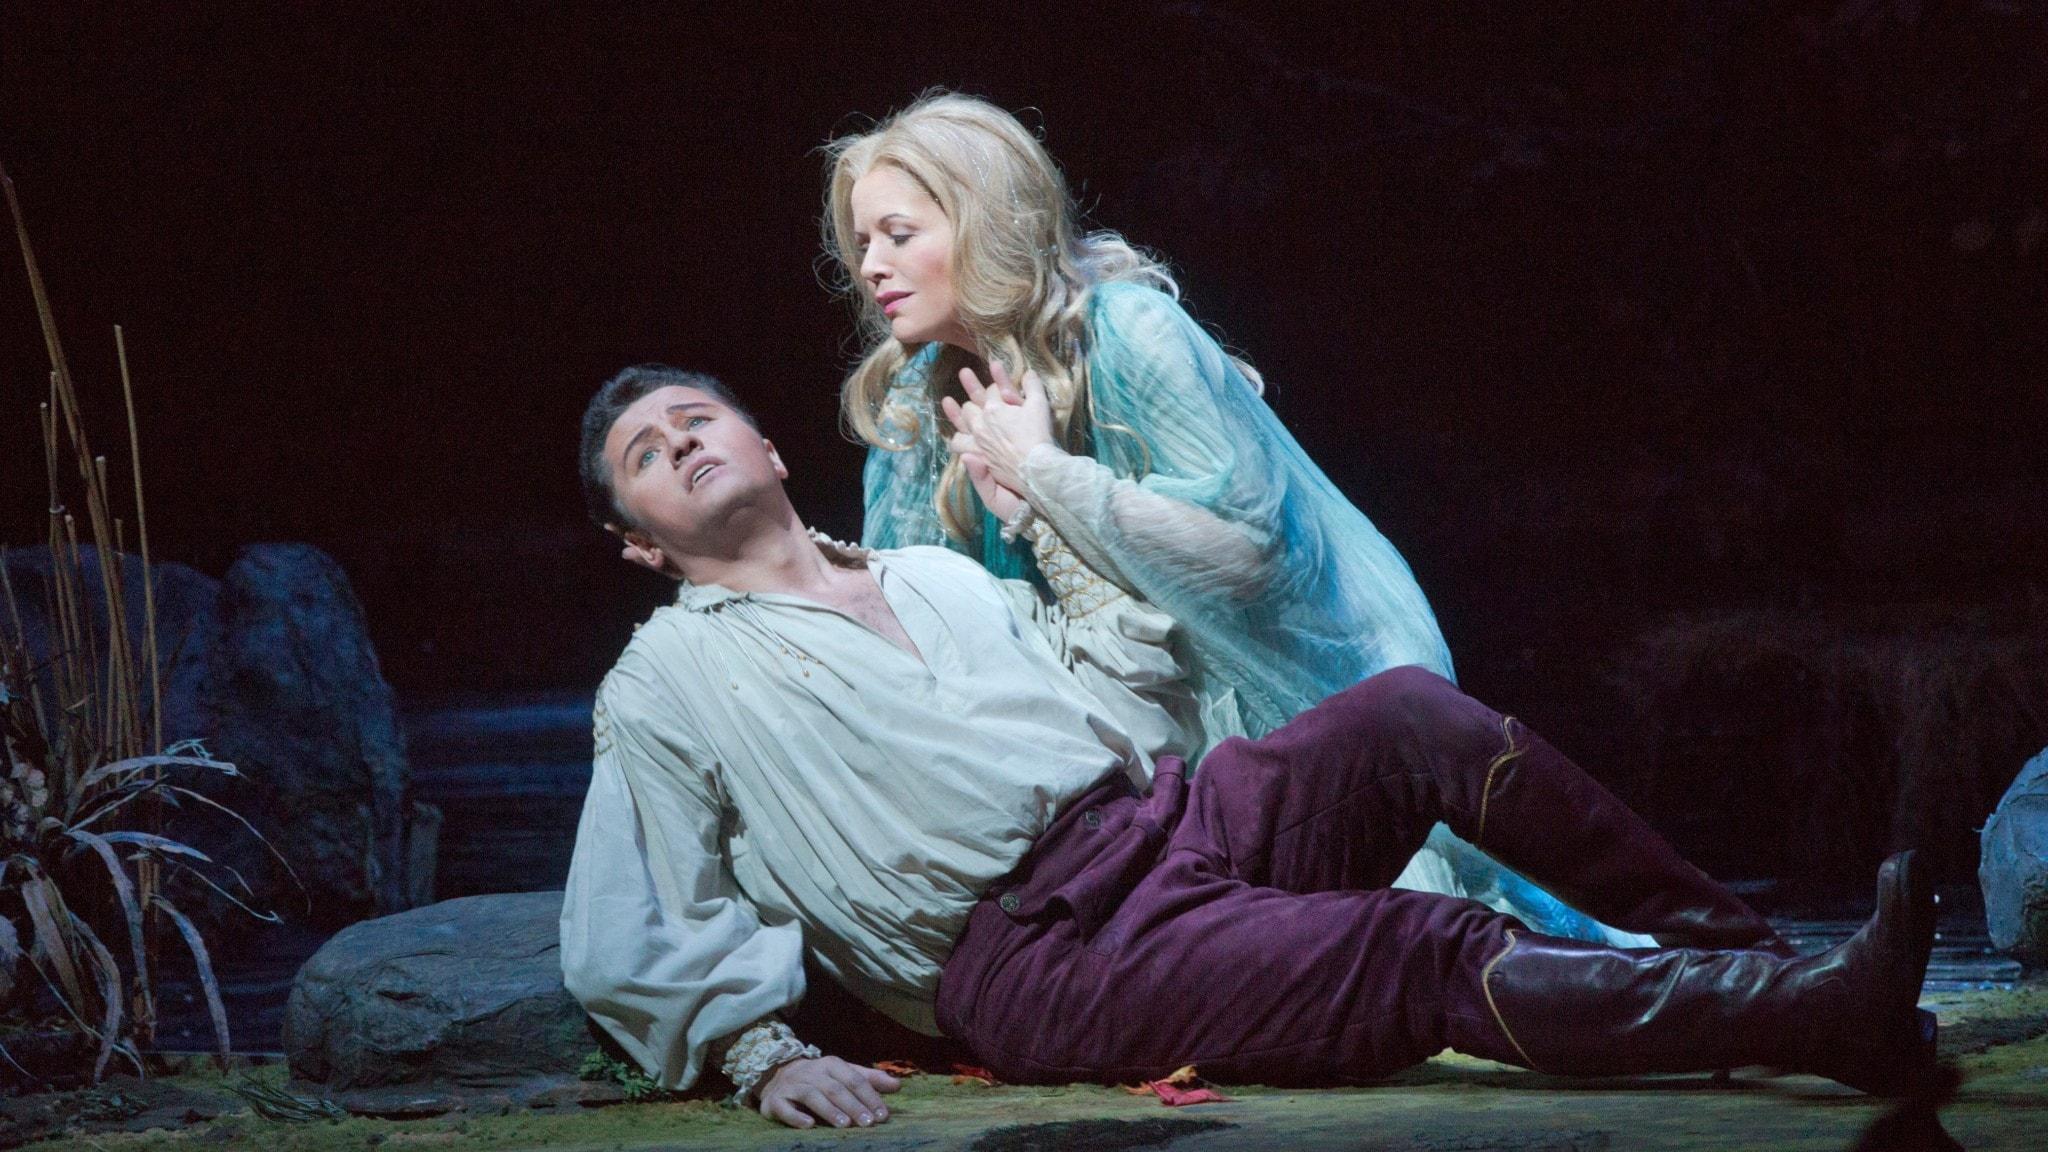 Bild: Piotr Beczala som prinsen och Renée Fleming i titelrollen Rusalka.